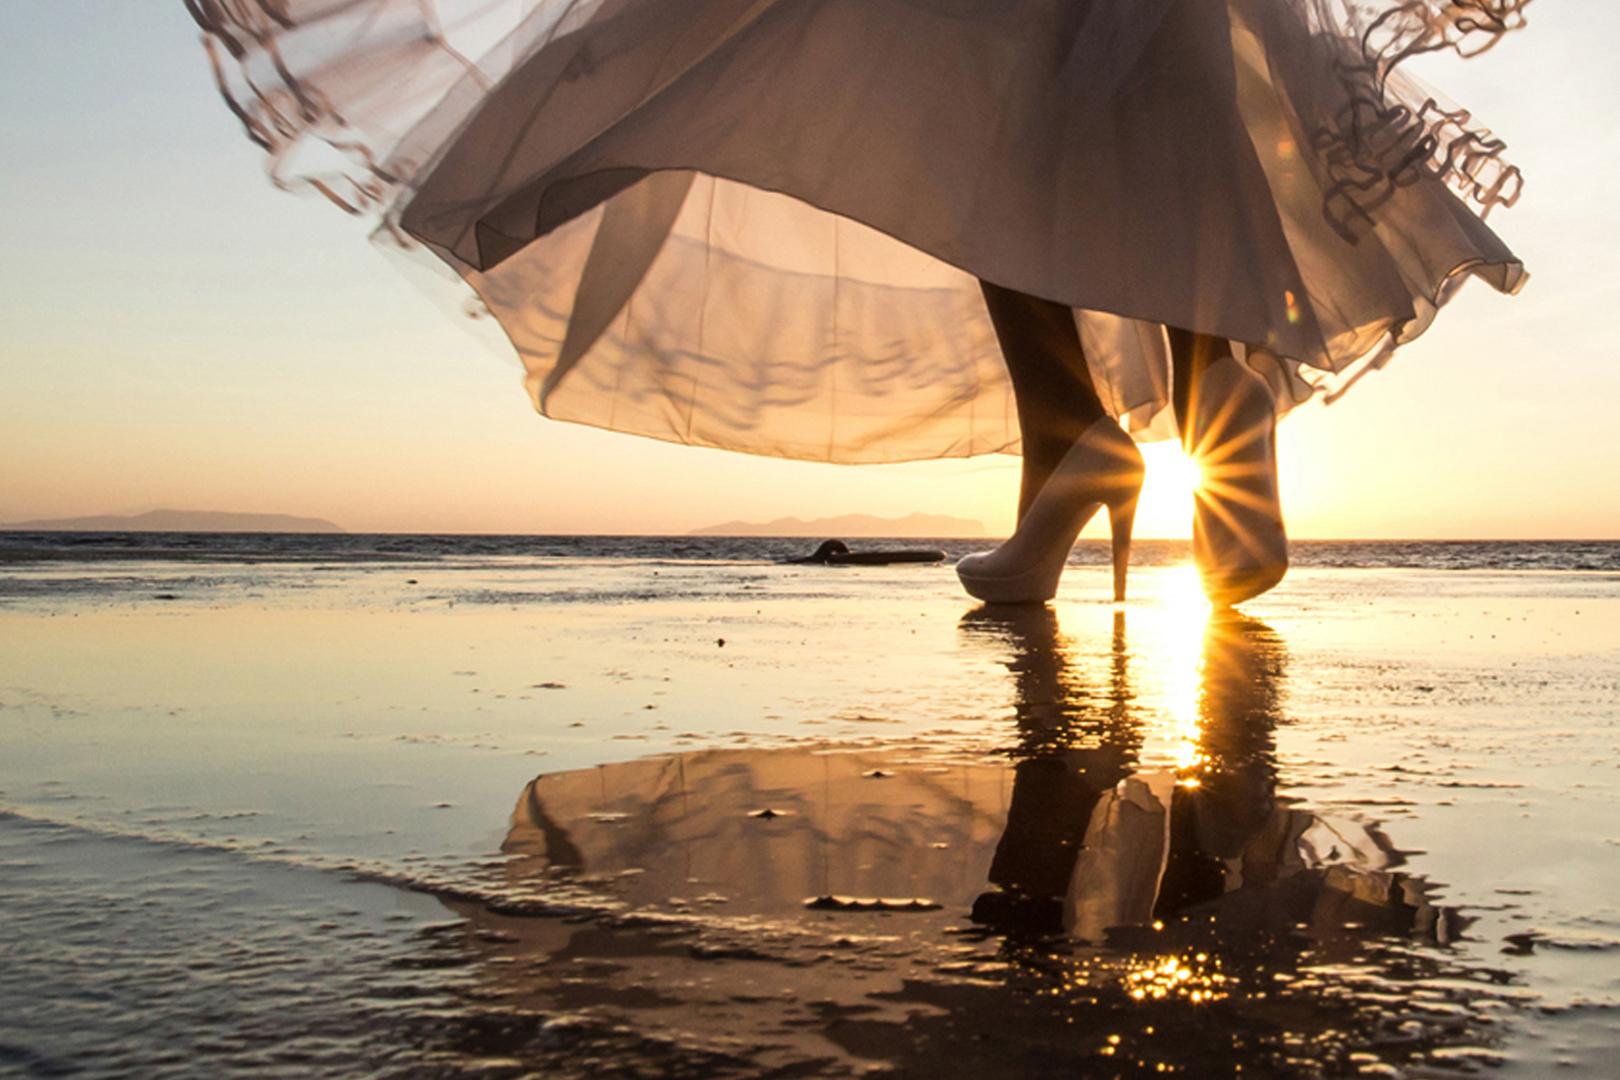 gianni-lepore-sole-tramonto-sposa-bride-mare-sea